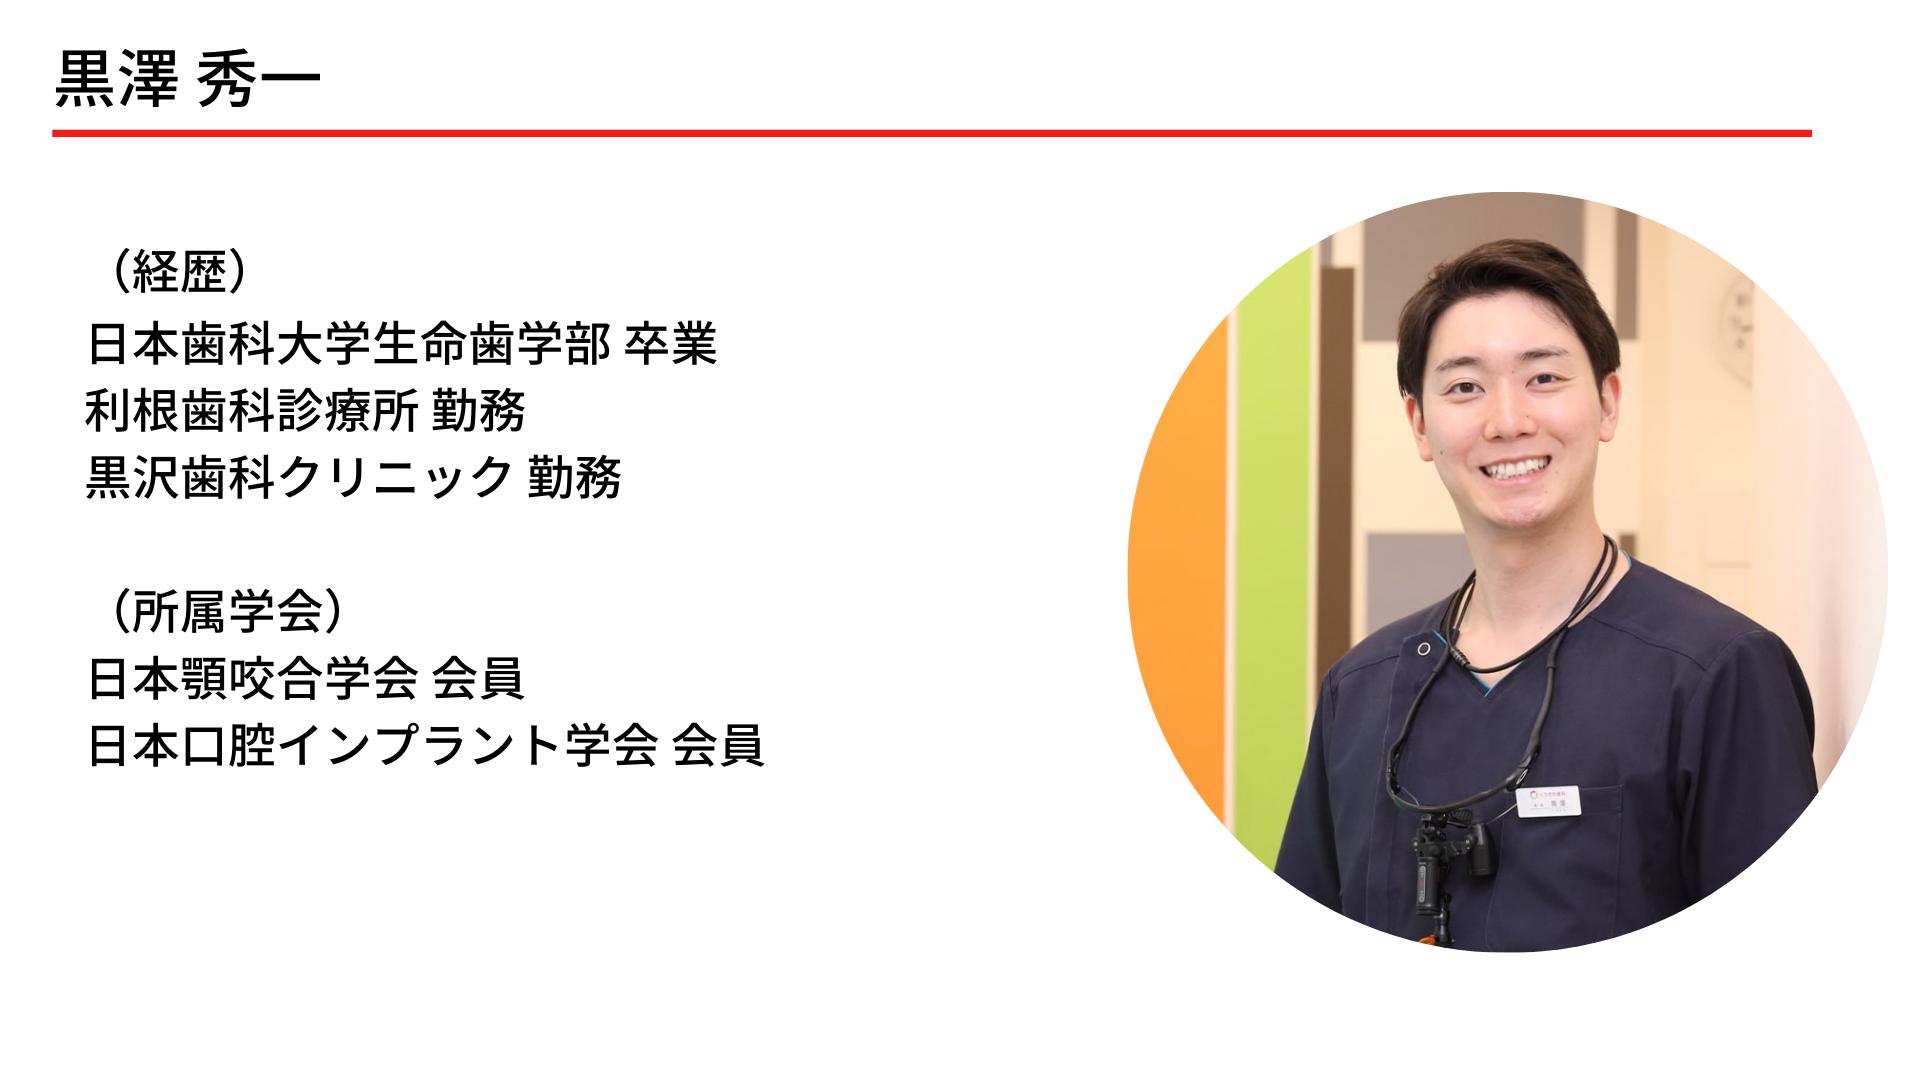 くろさわ歯科 ベニバナウォーク桶川医院 黒澤先生